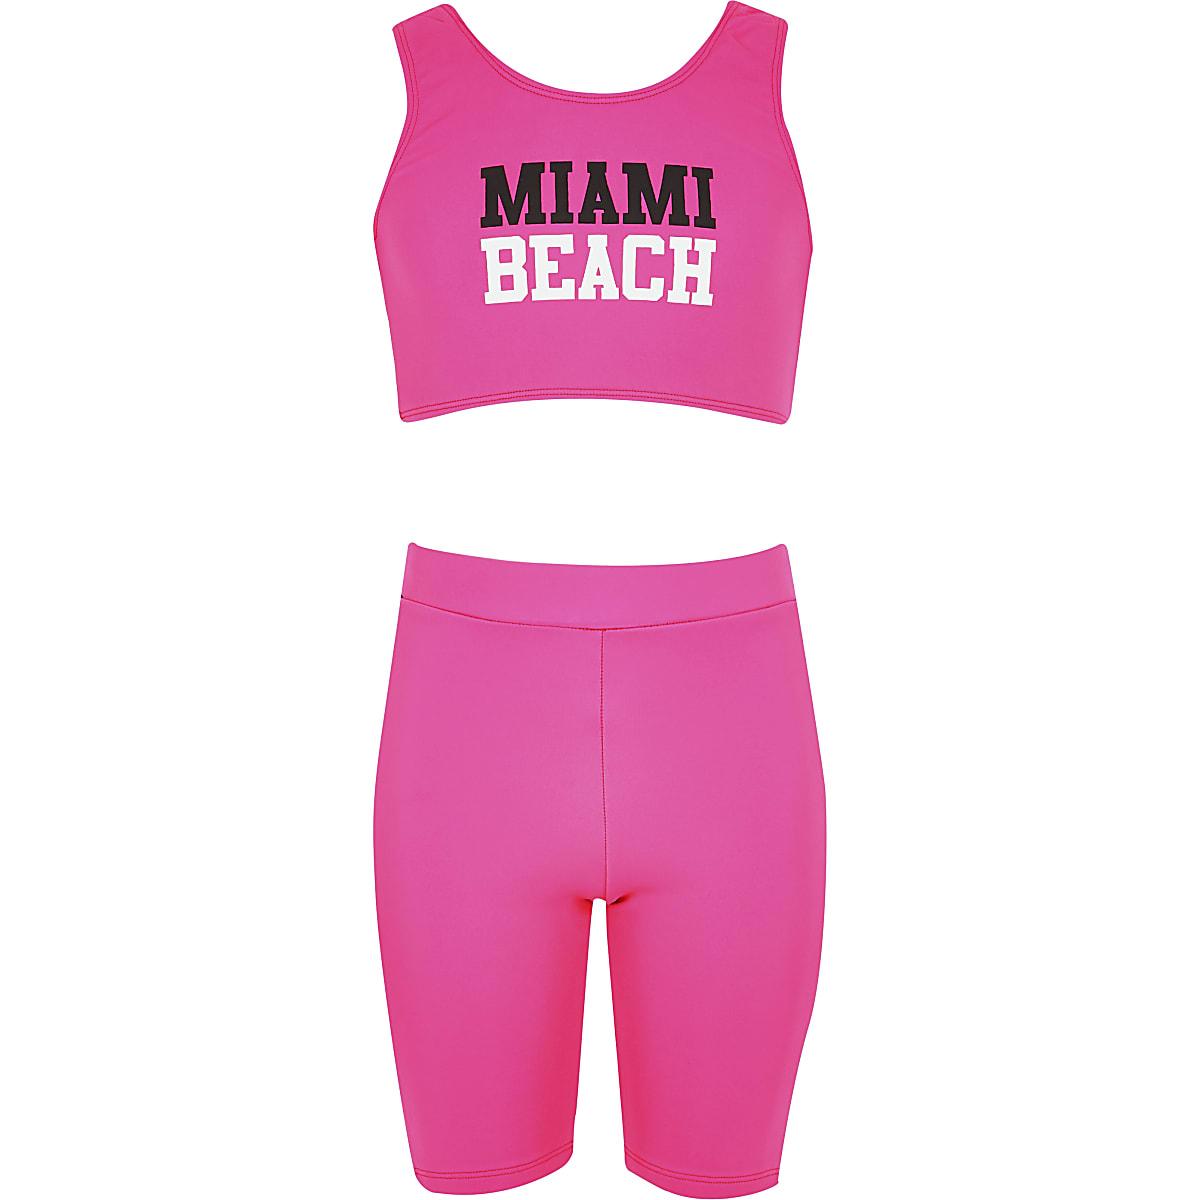 Girls pink cycling short bikini set